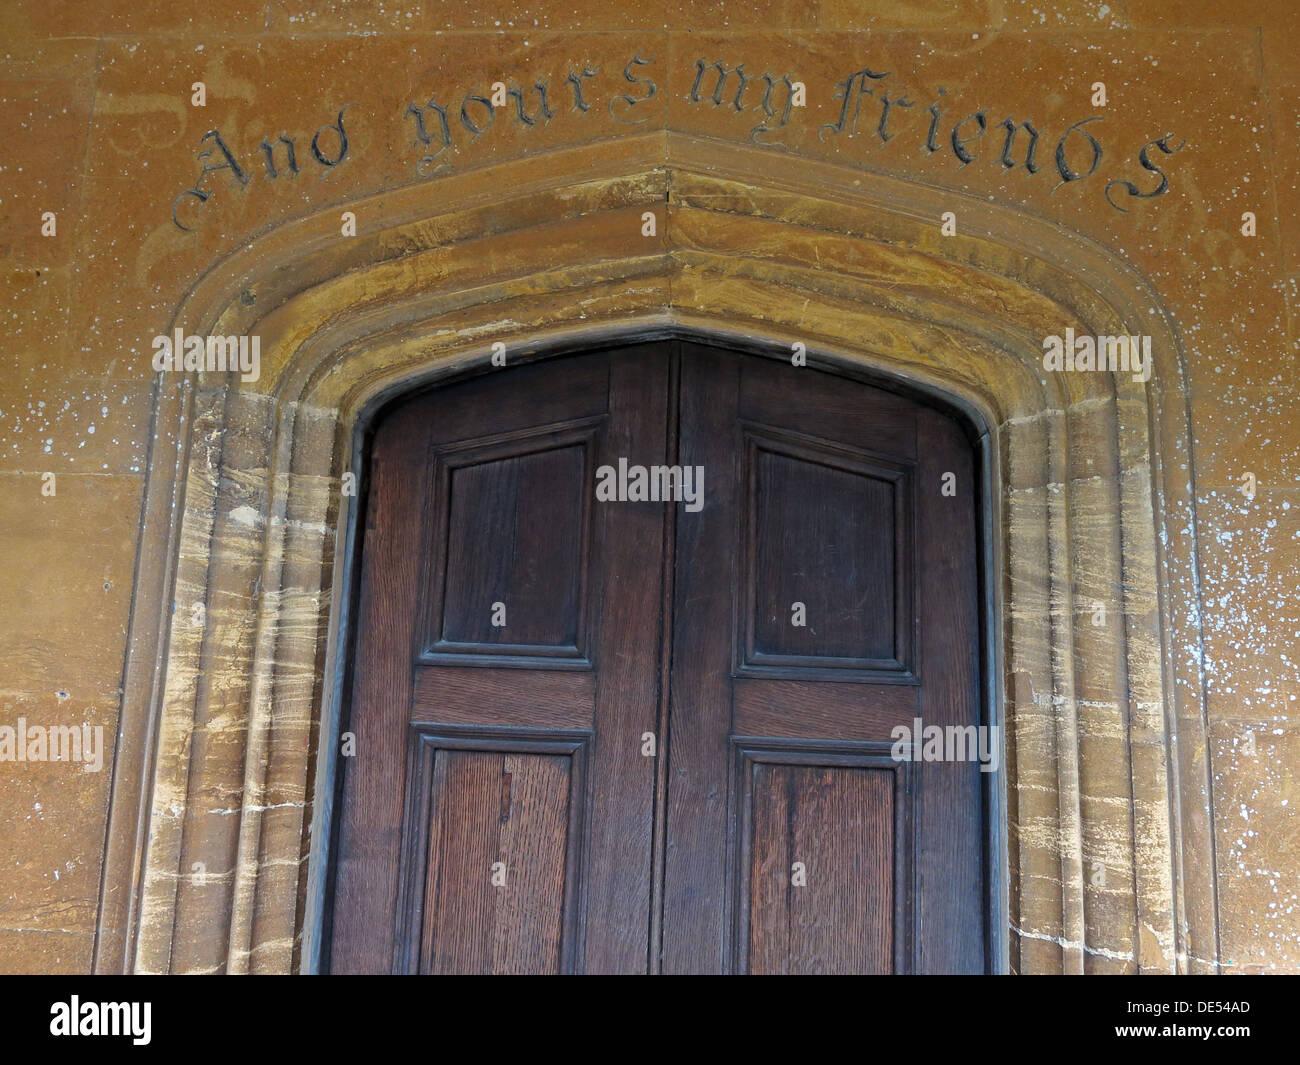 Laden Sie dieses Alamy Stockfoto Und dir meine Freunde, Inschrift in Montecute, Somerset, England, UK - DE54AD